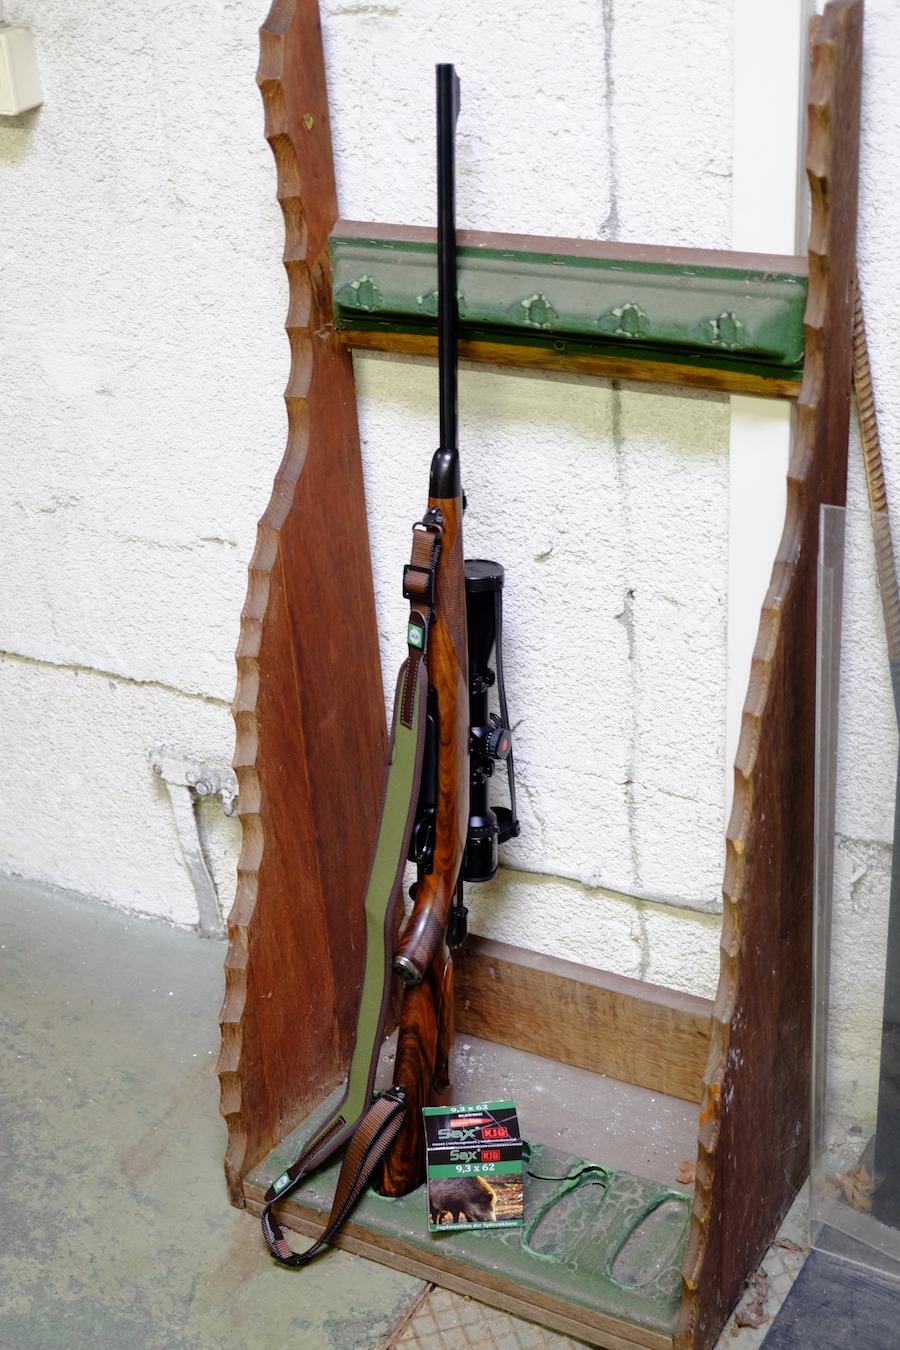 Foto: Dr. FM / Wie auf diesem Schießstand im Ständer könnte das Jagdgewehr einfach im Waffenschrank bleiben.